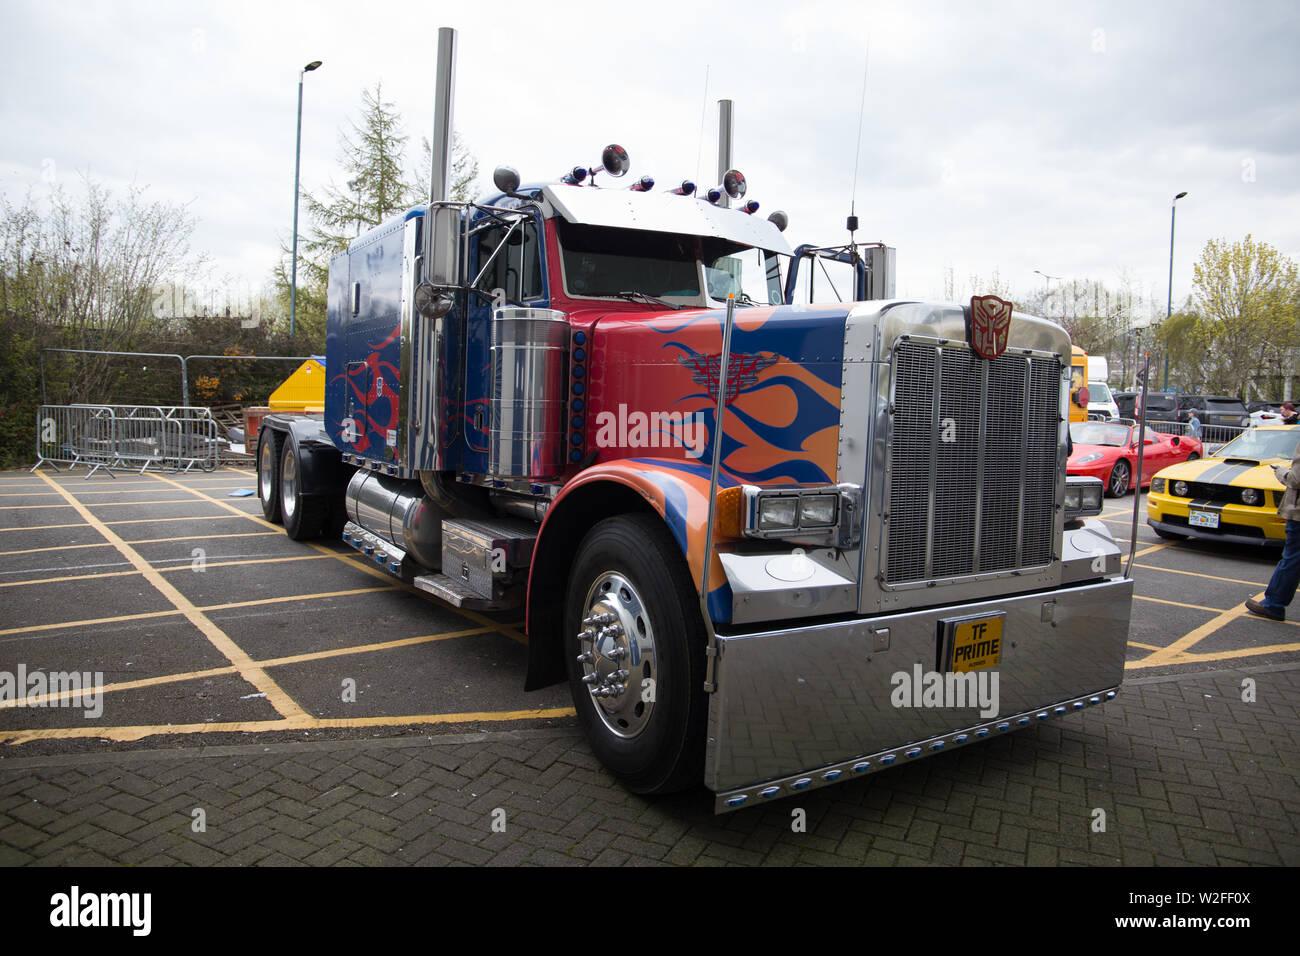 optimus primeat stars & cars Bolton uk - Stock Image